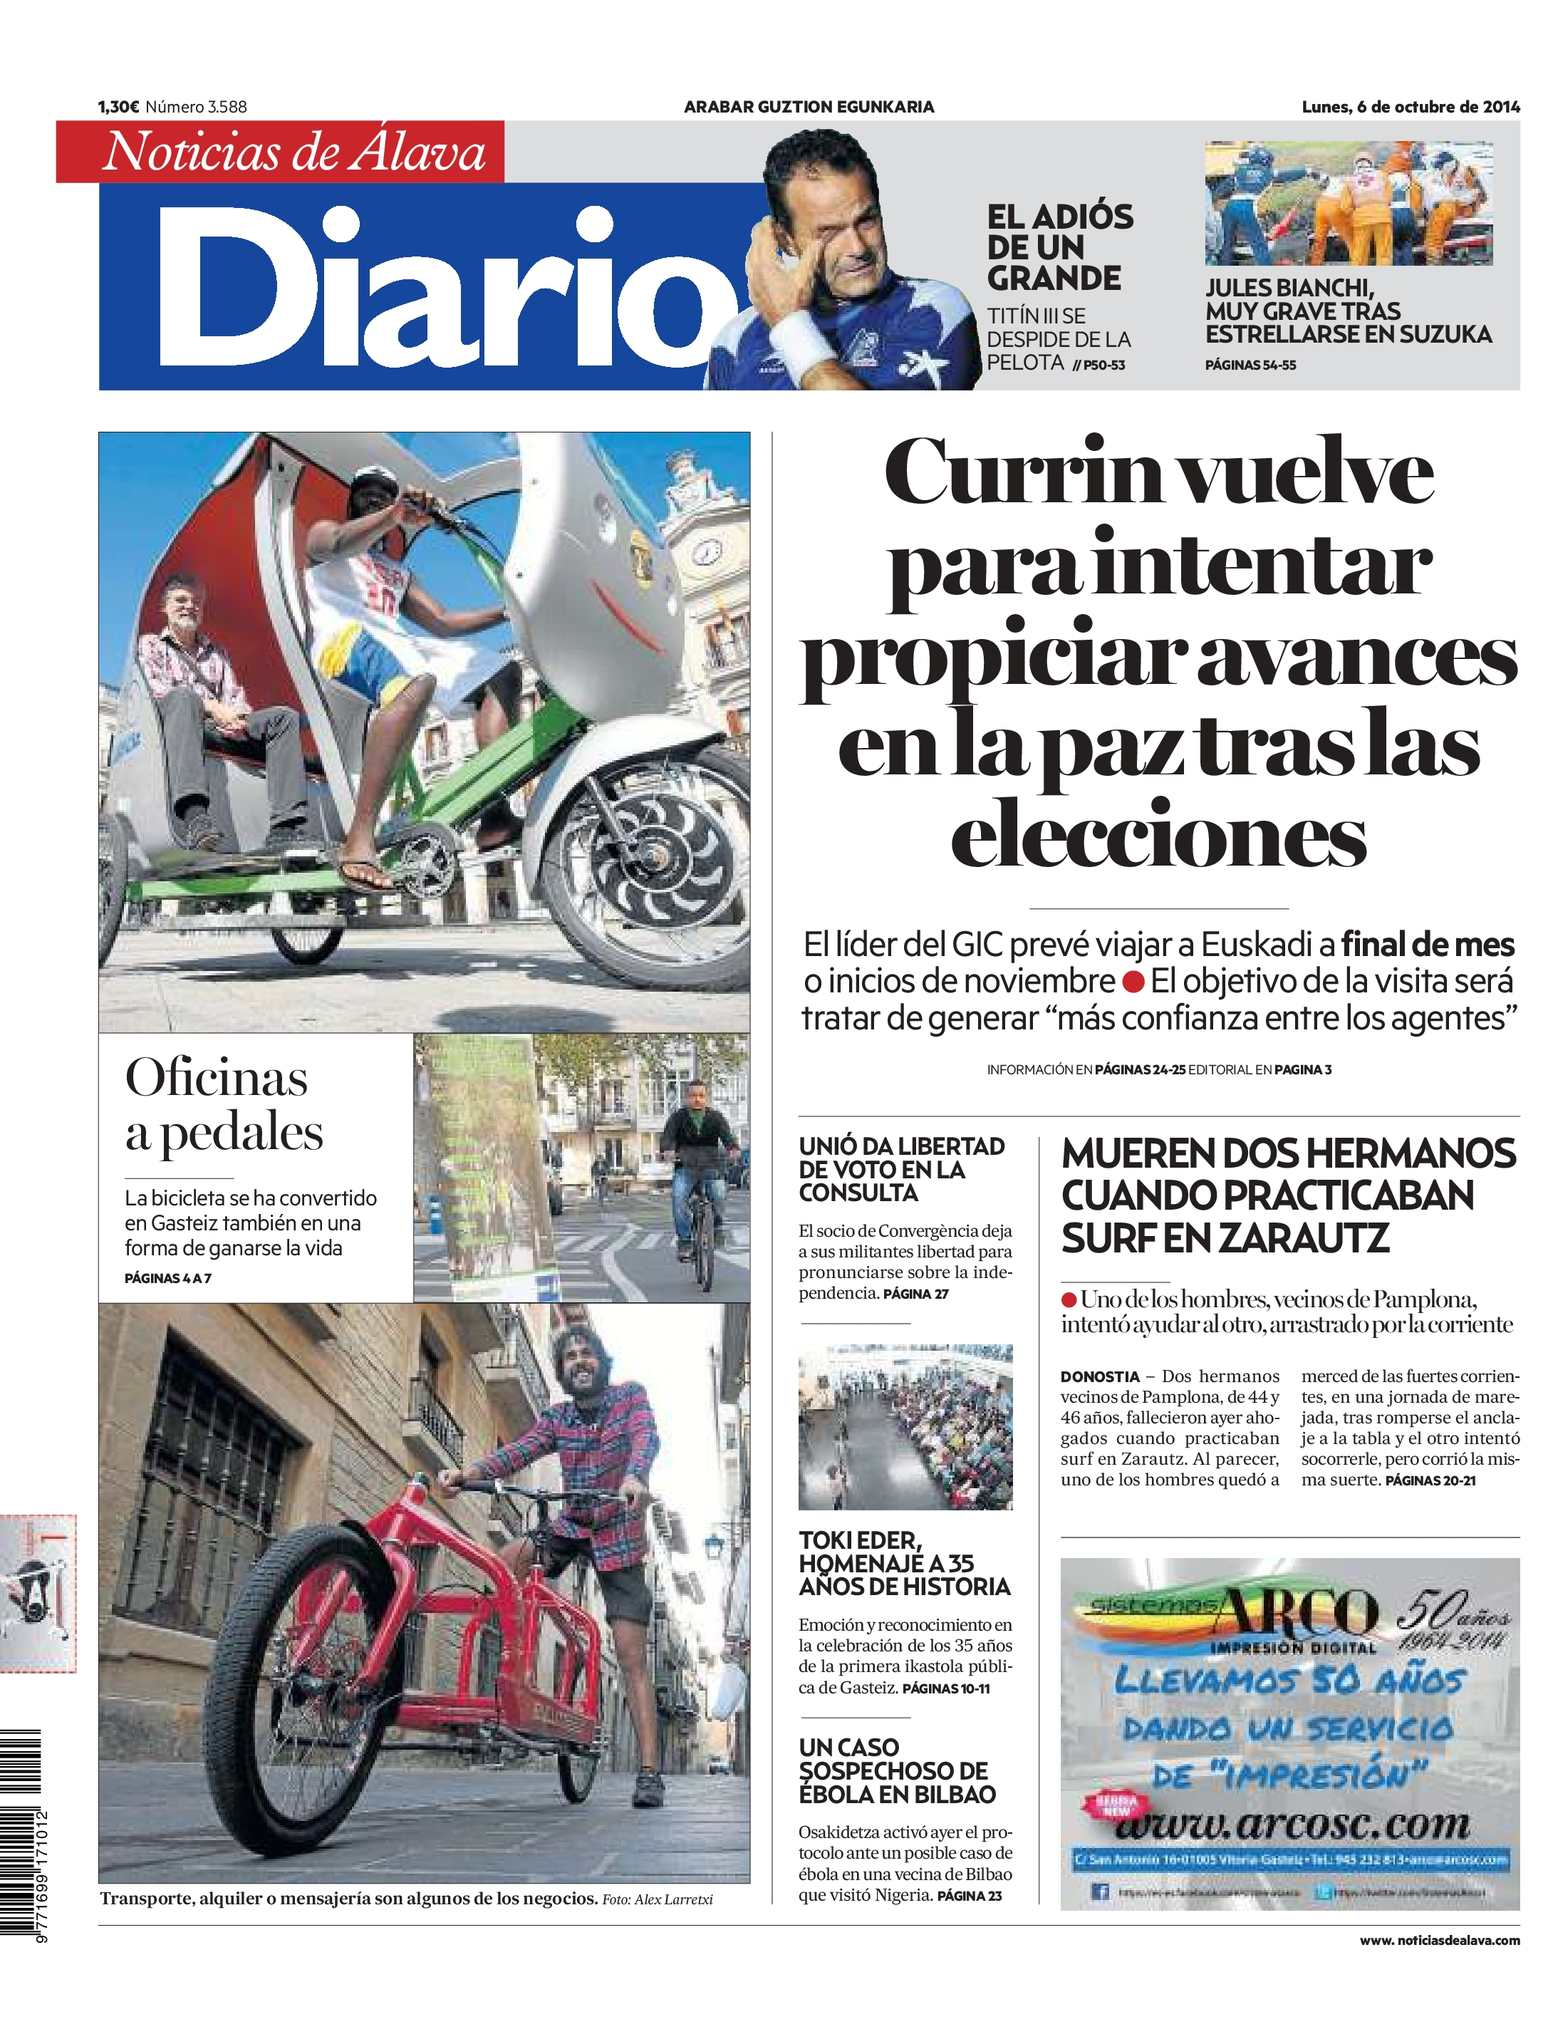 Calaméo - Diario de Noticias de Álava 20141006